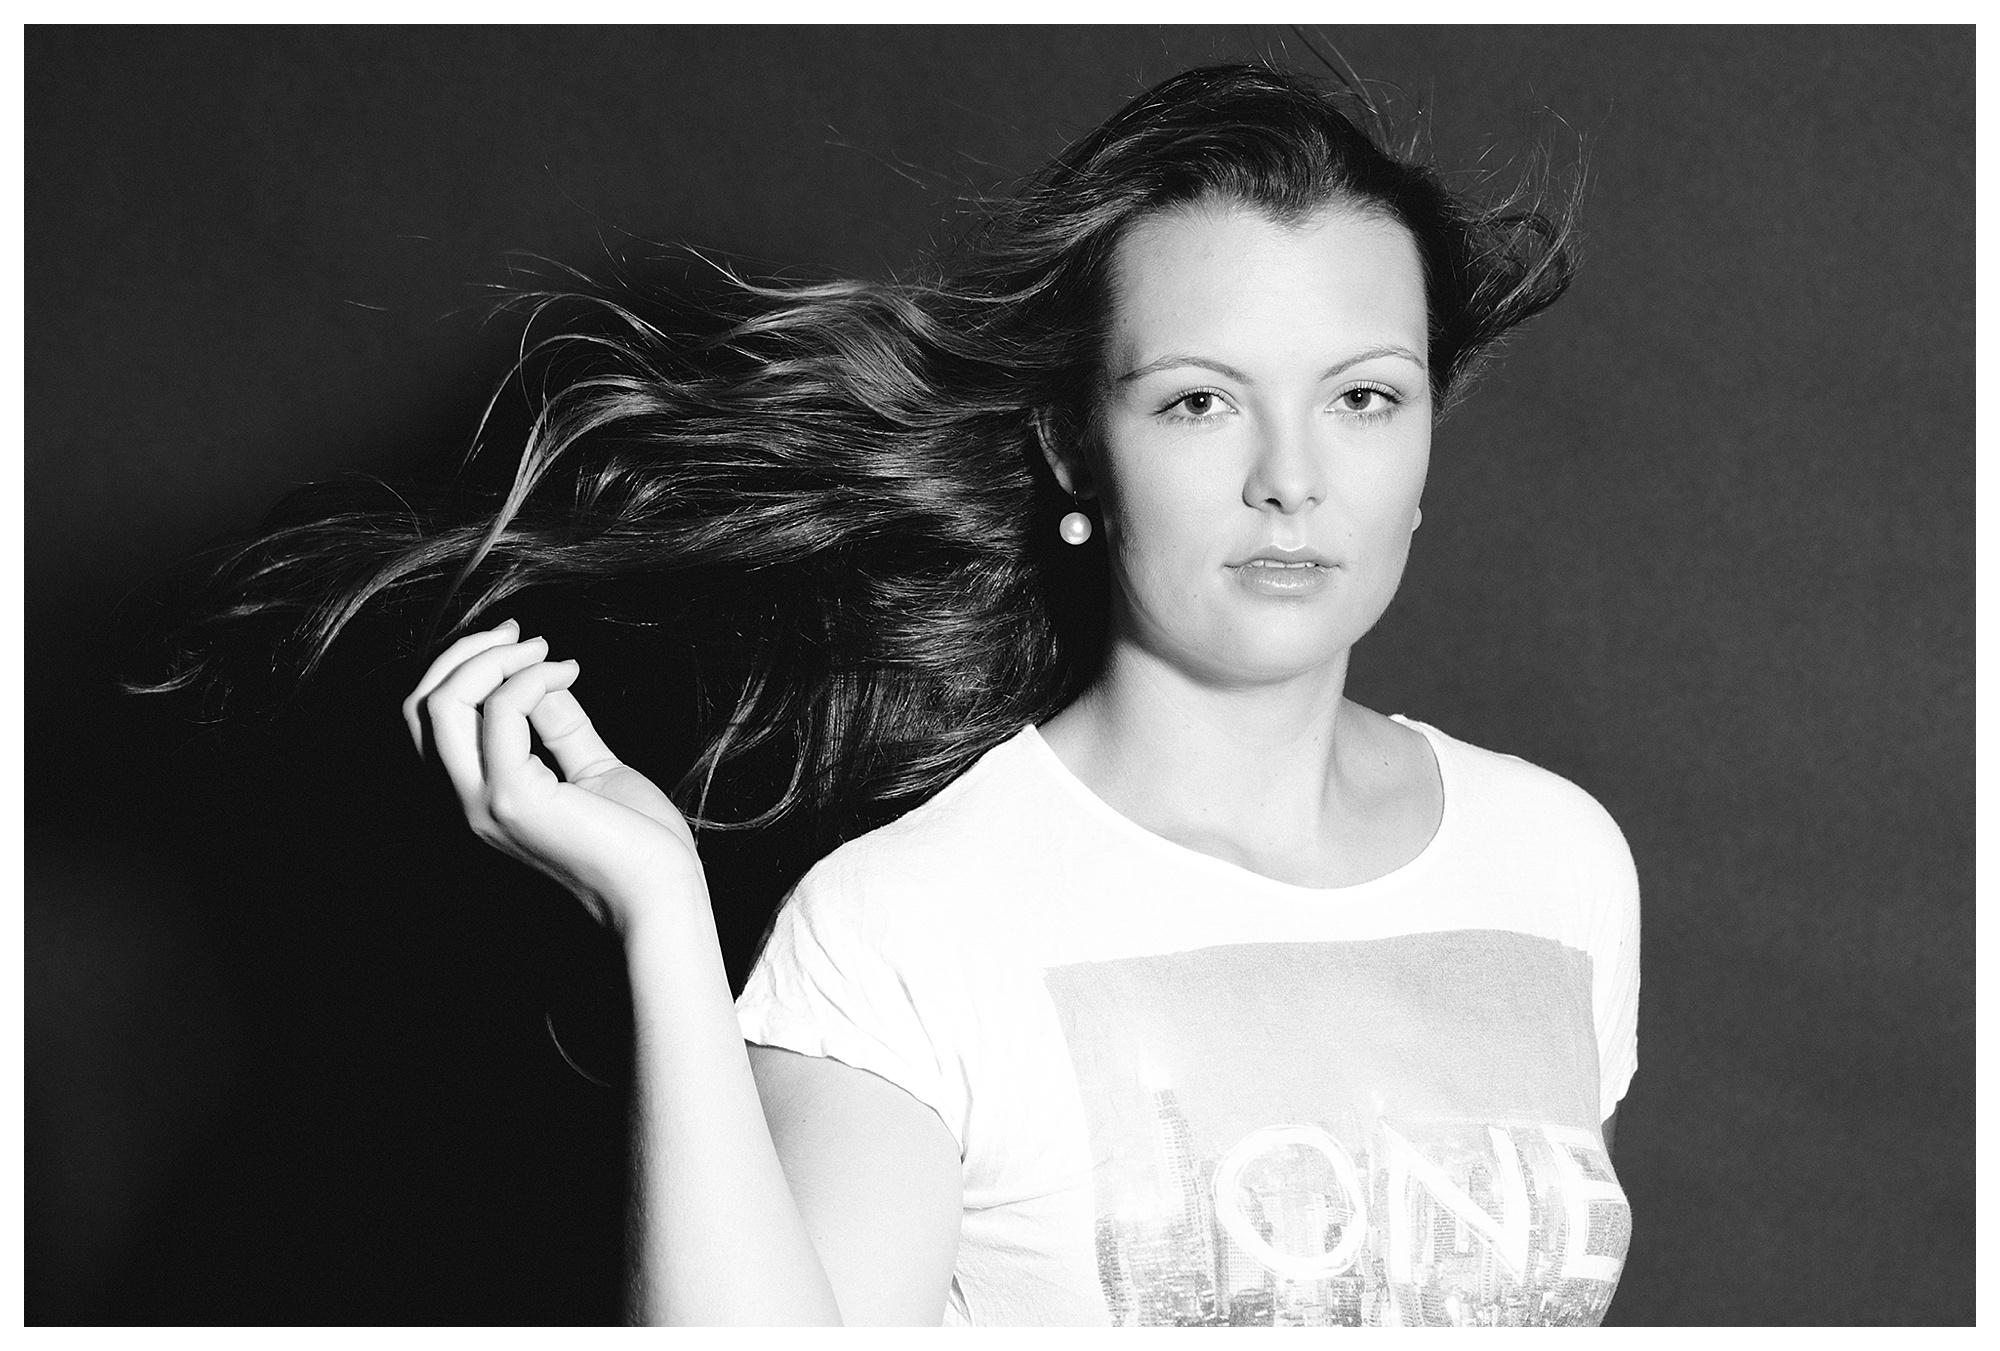 Fotograf Konstanz - Best of 2014 Elmar Feuerbacher Photography Hochzeit Portrait 063 - Rückblick auf 2014  - 131 -